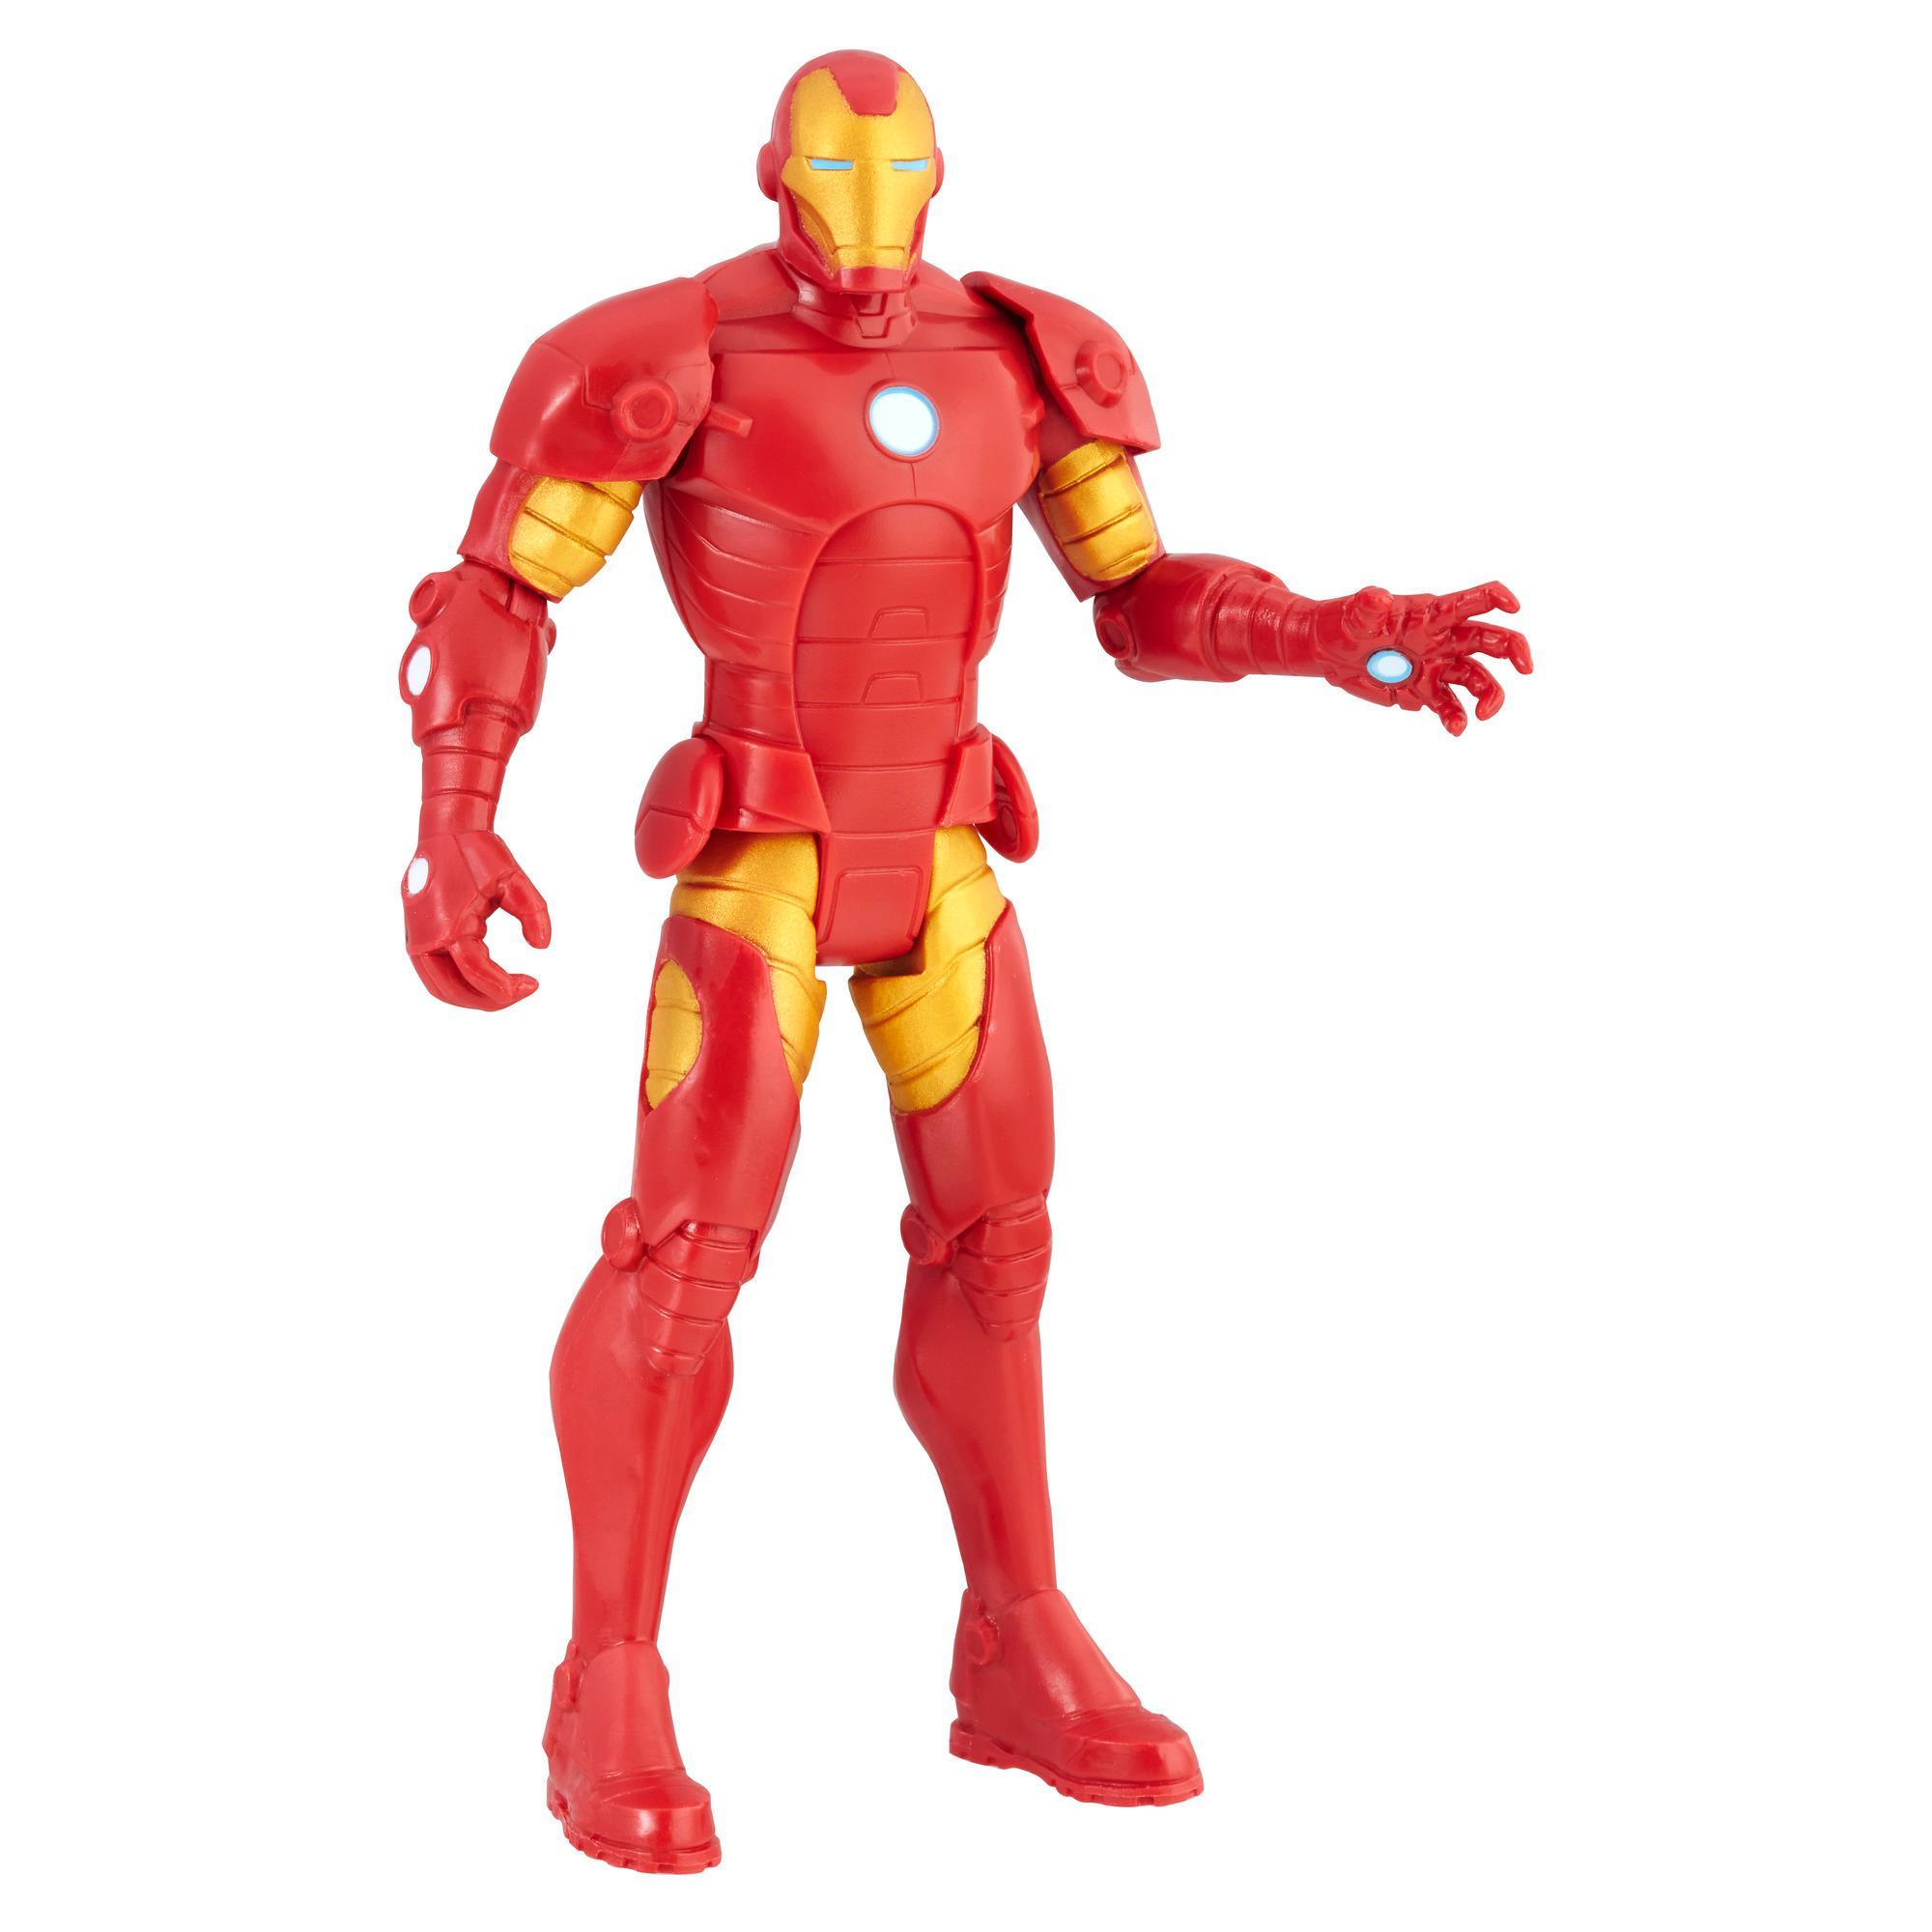 Figurină de acțiune Iron Man, Mrvel